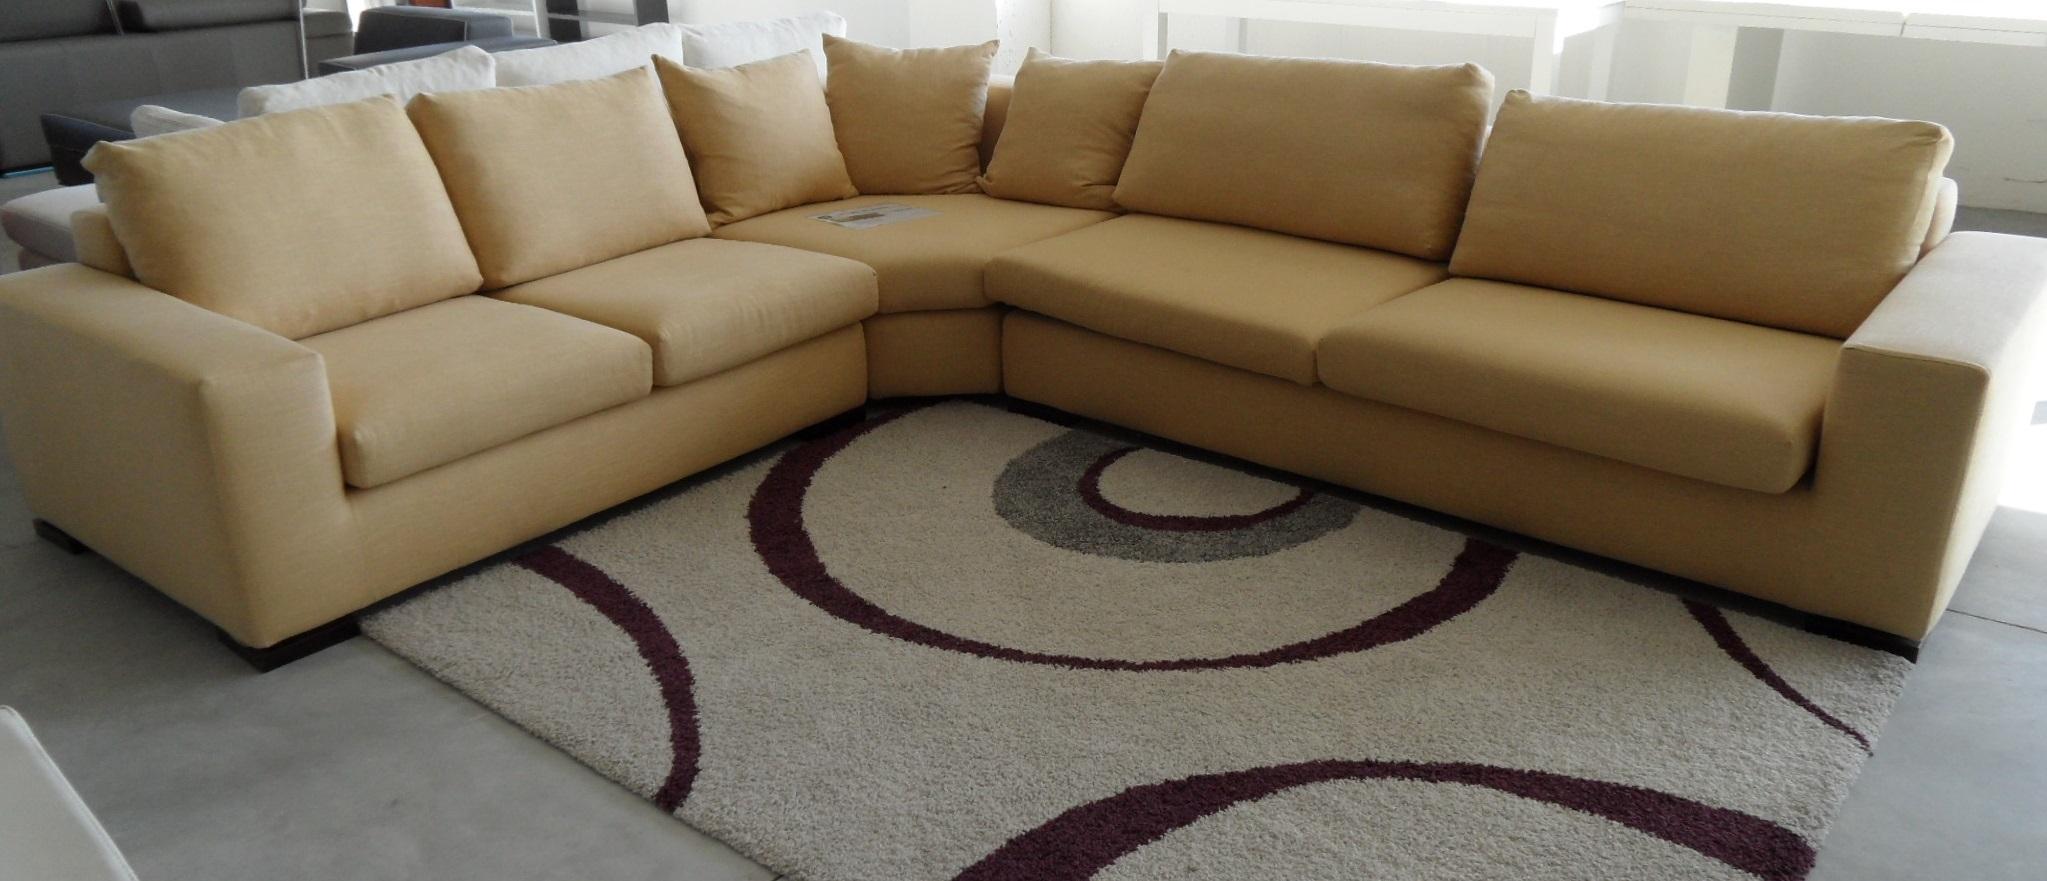 Divano angolare scontato del 55 divani a prezzi scontati for Divano seduta larga